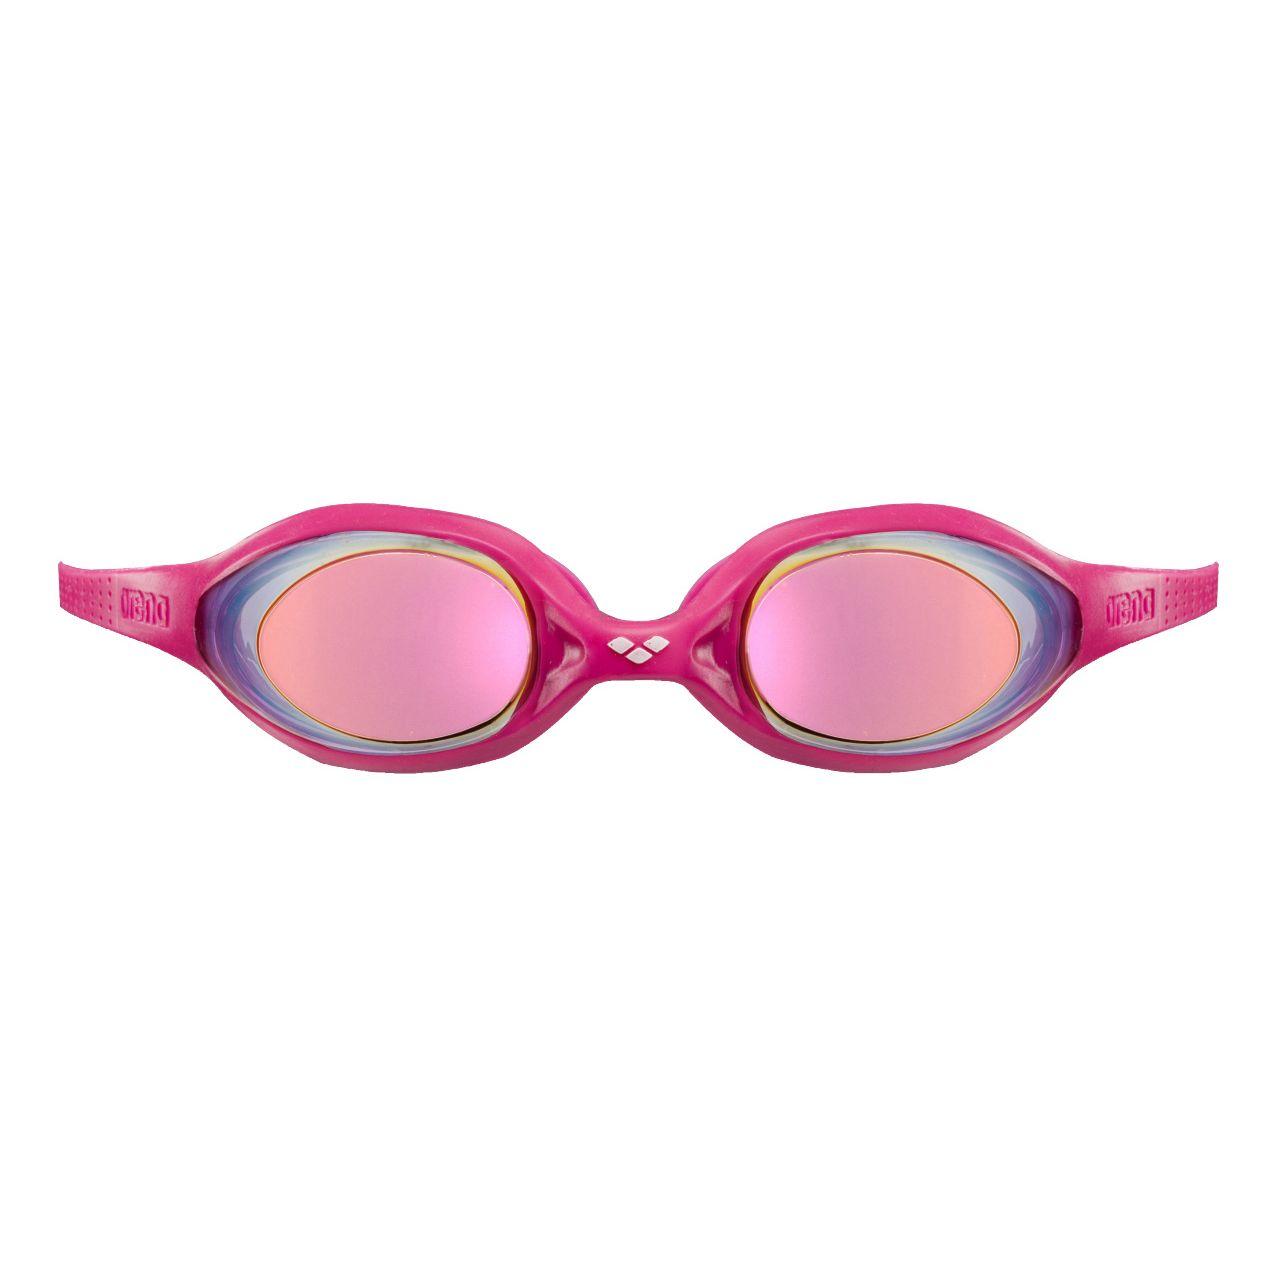 Goggles de Natación arena para Niños Spider Junior Mirror_75982